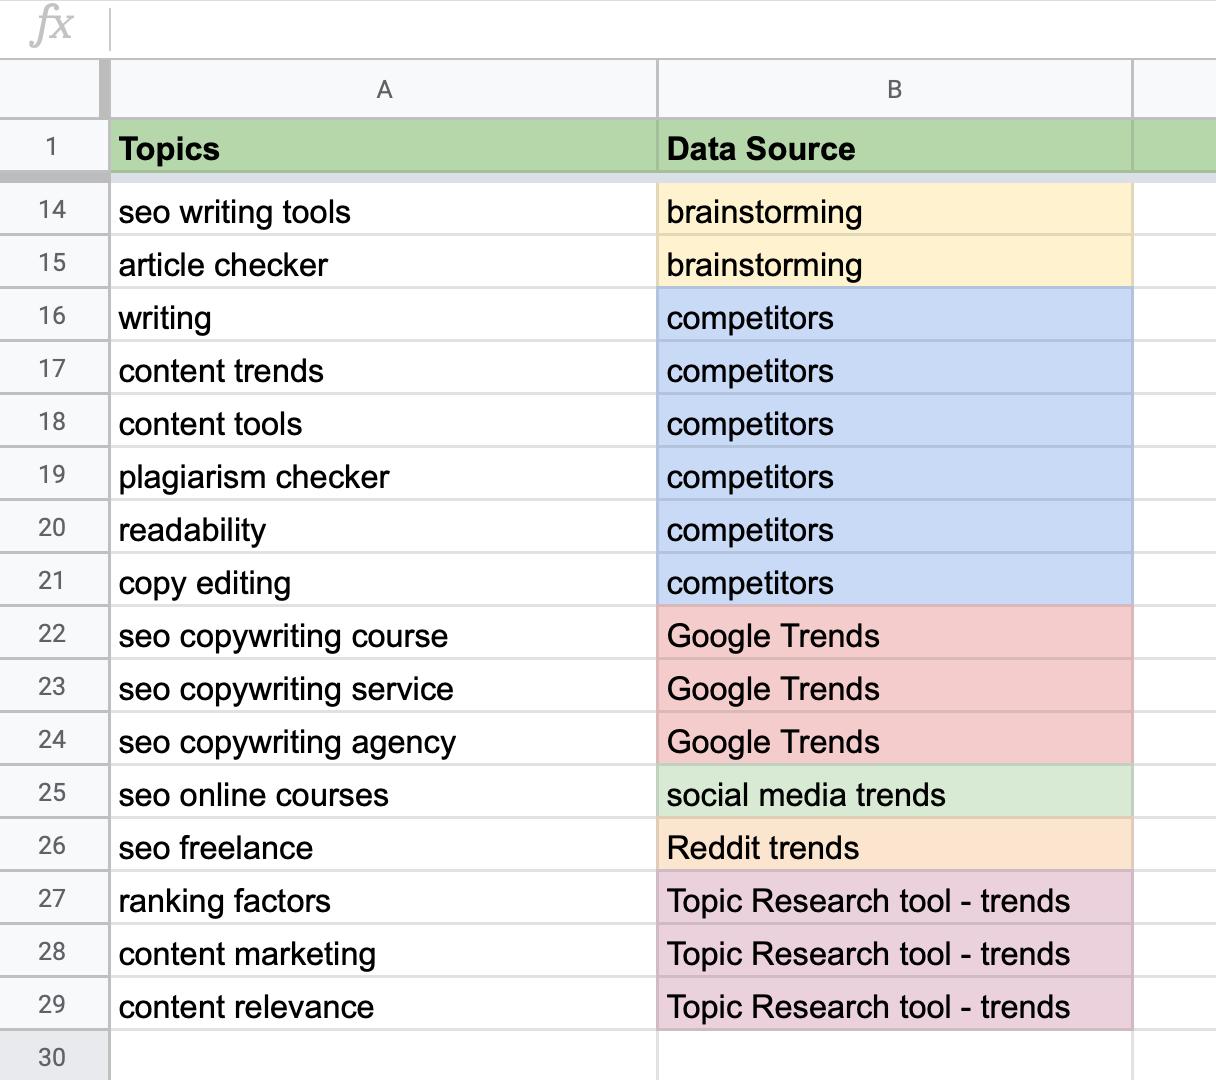 Plan de contenidos - Fuentes de datos de nuevos temas